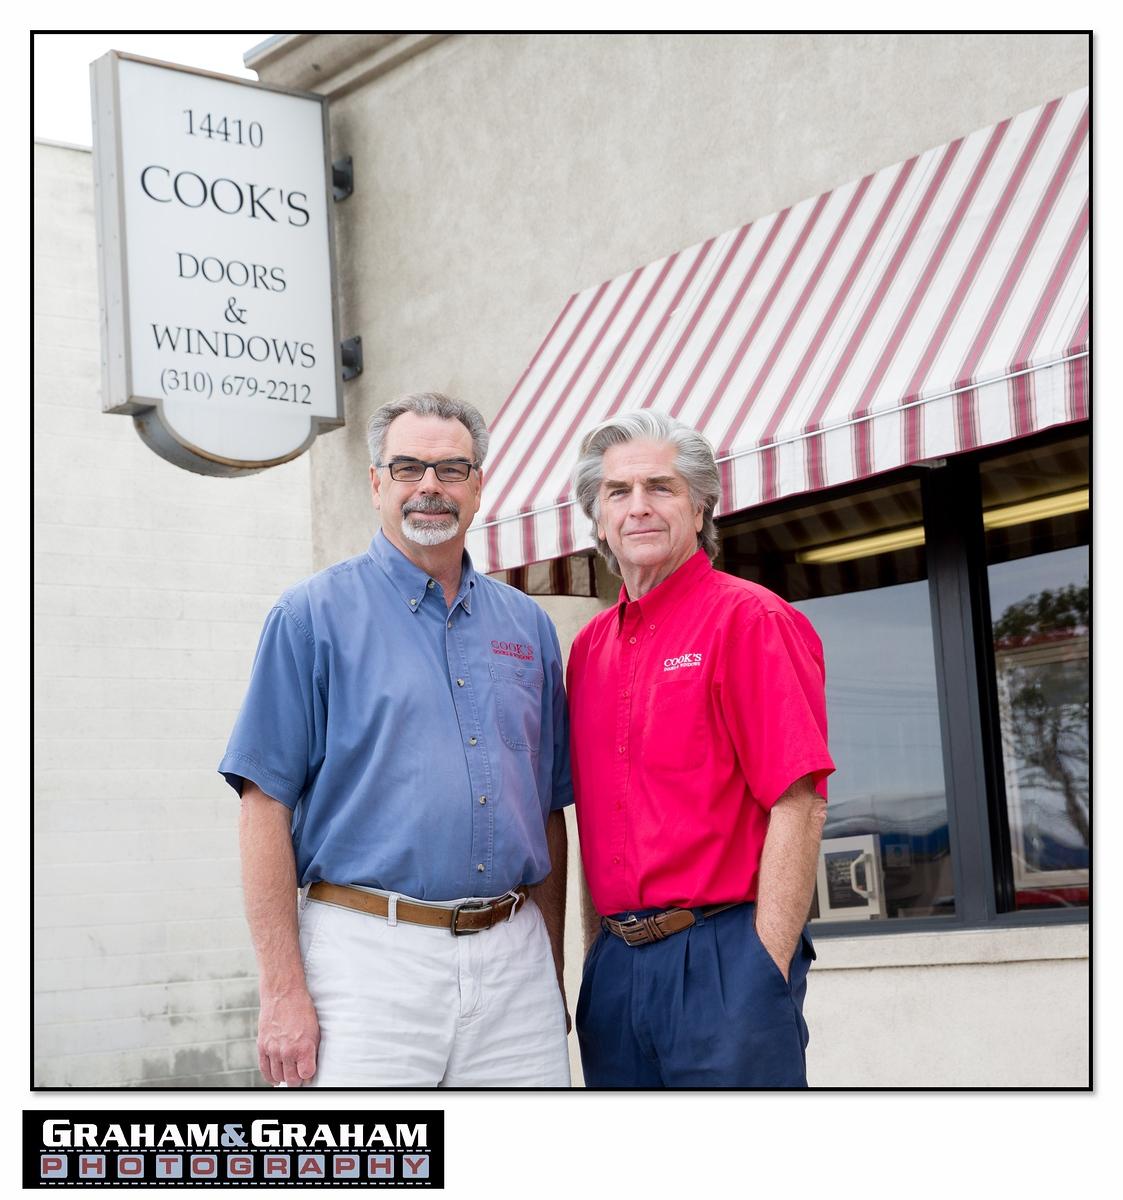 Cook's Doors & Windows, Lawndale